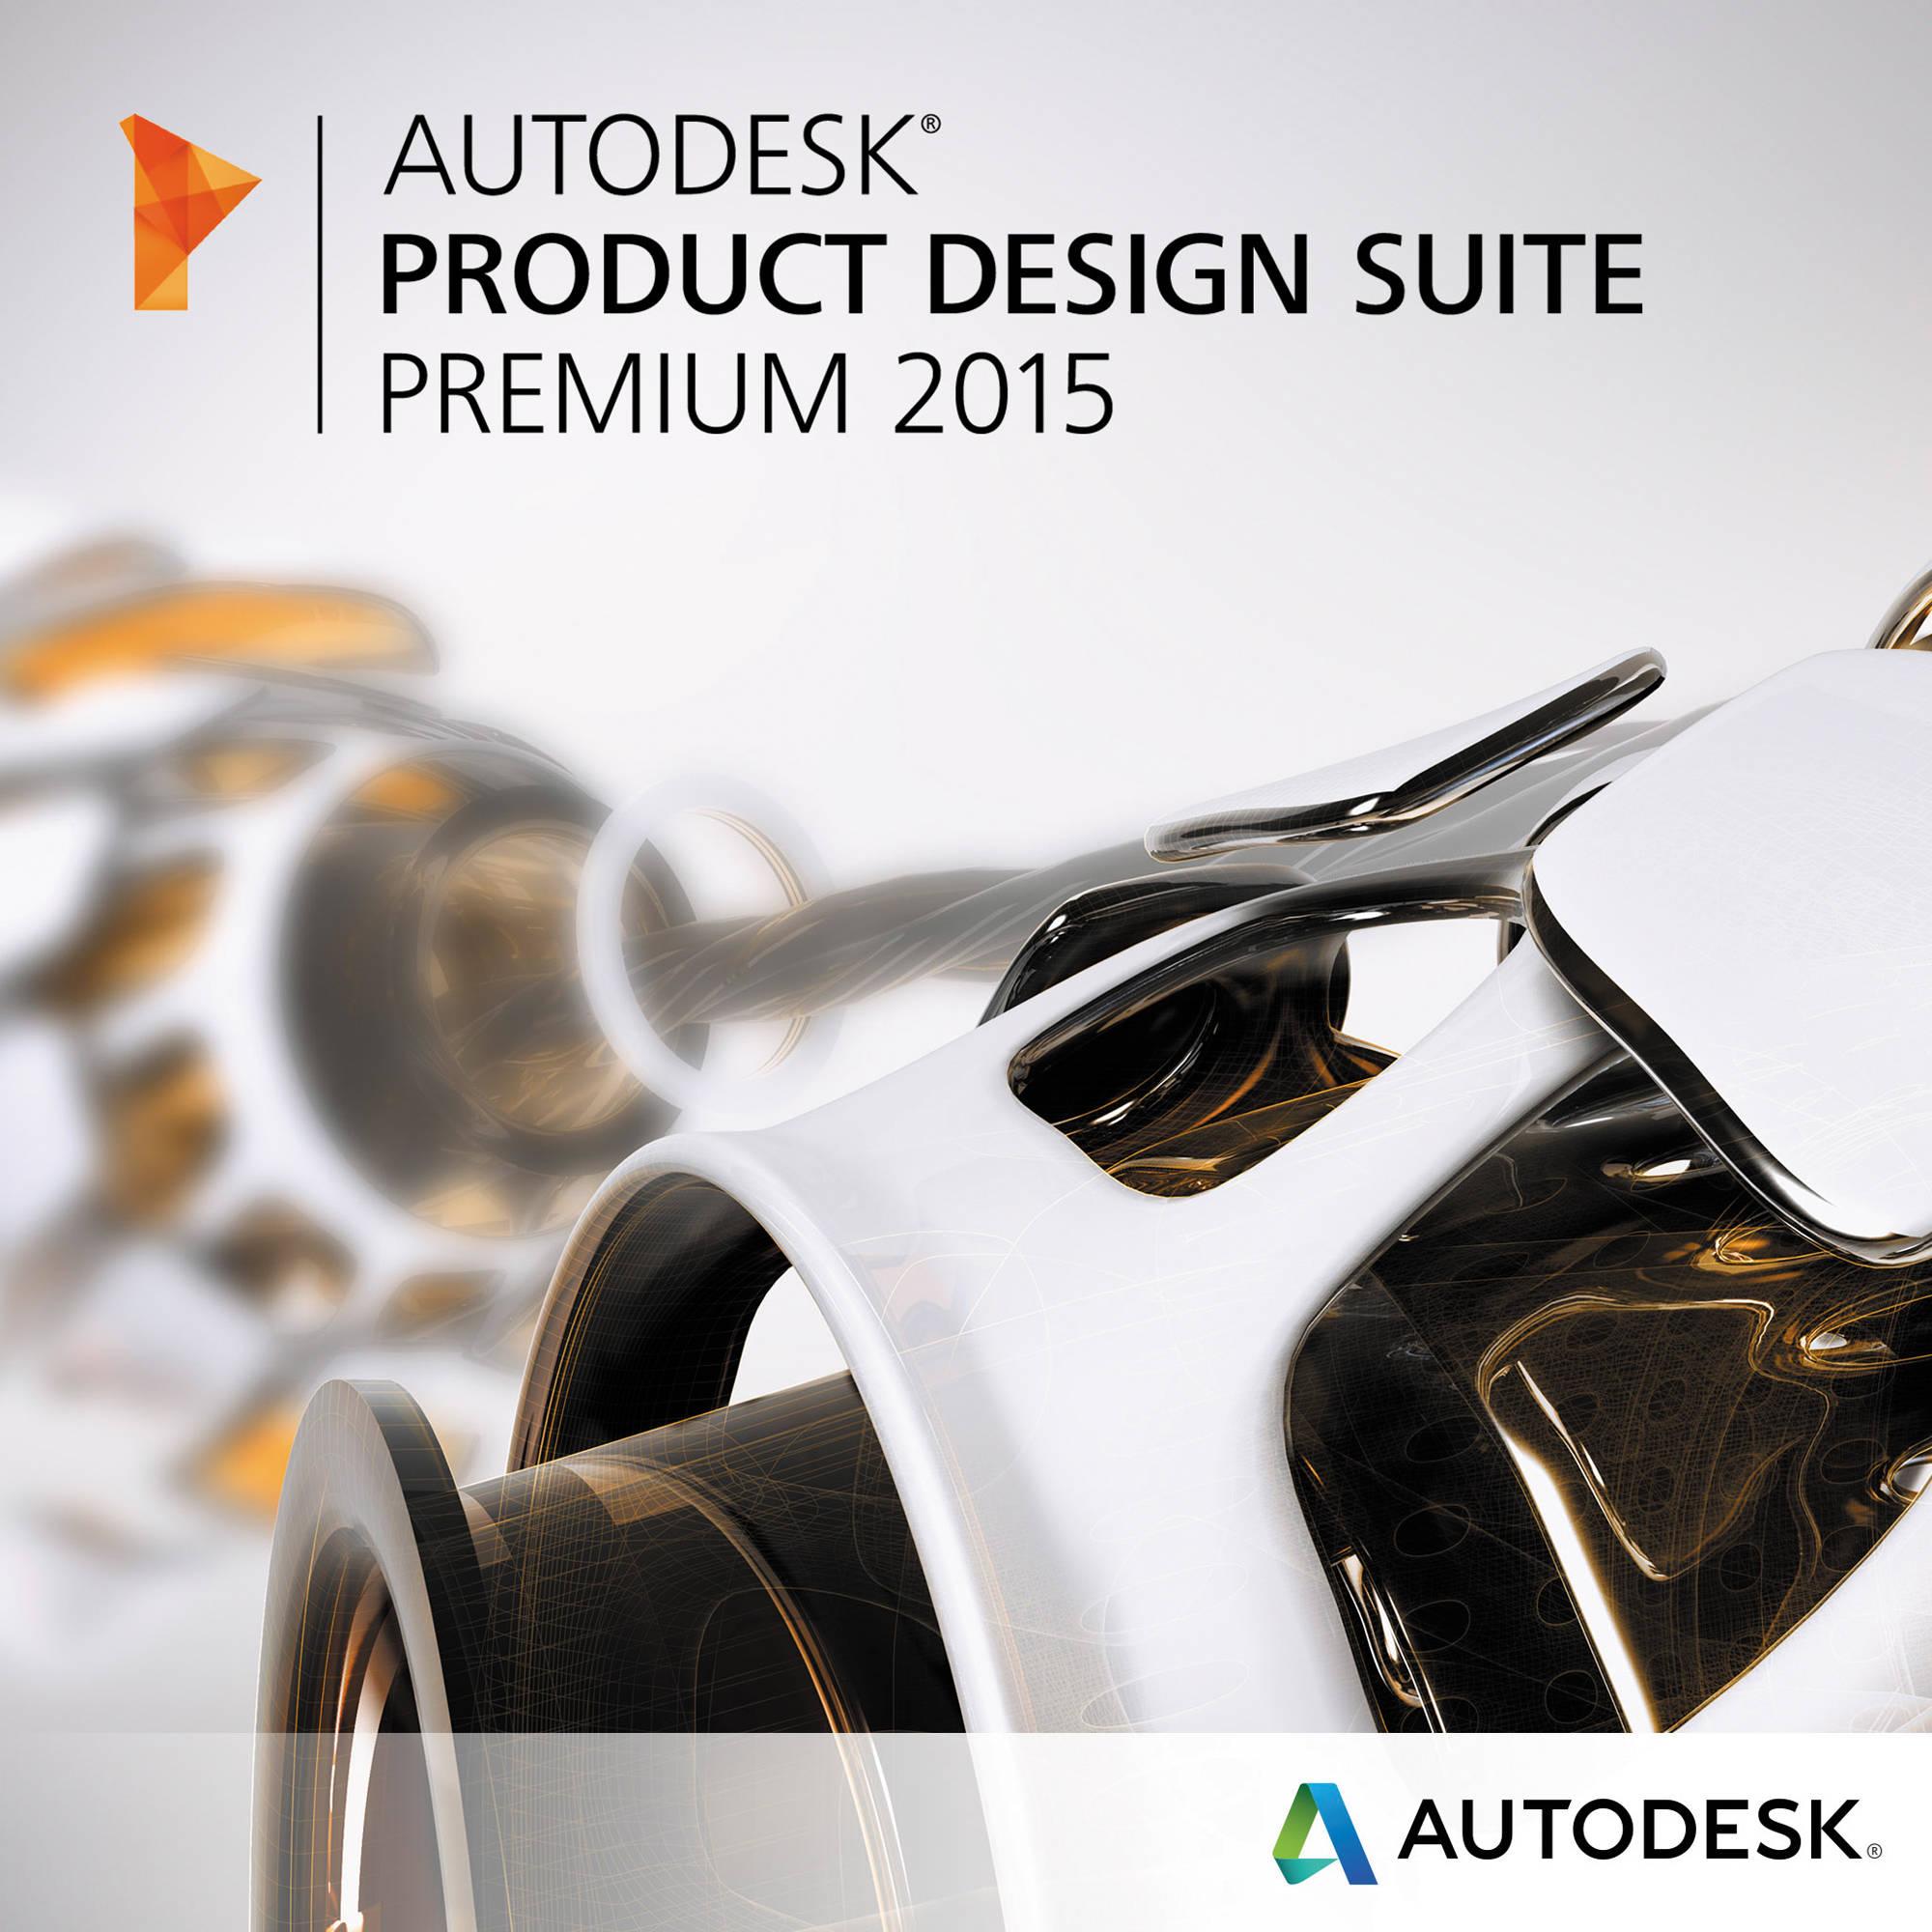 Autodesk Factory Design Suite Premium 2015 757g1 Wwr111 1001 B H